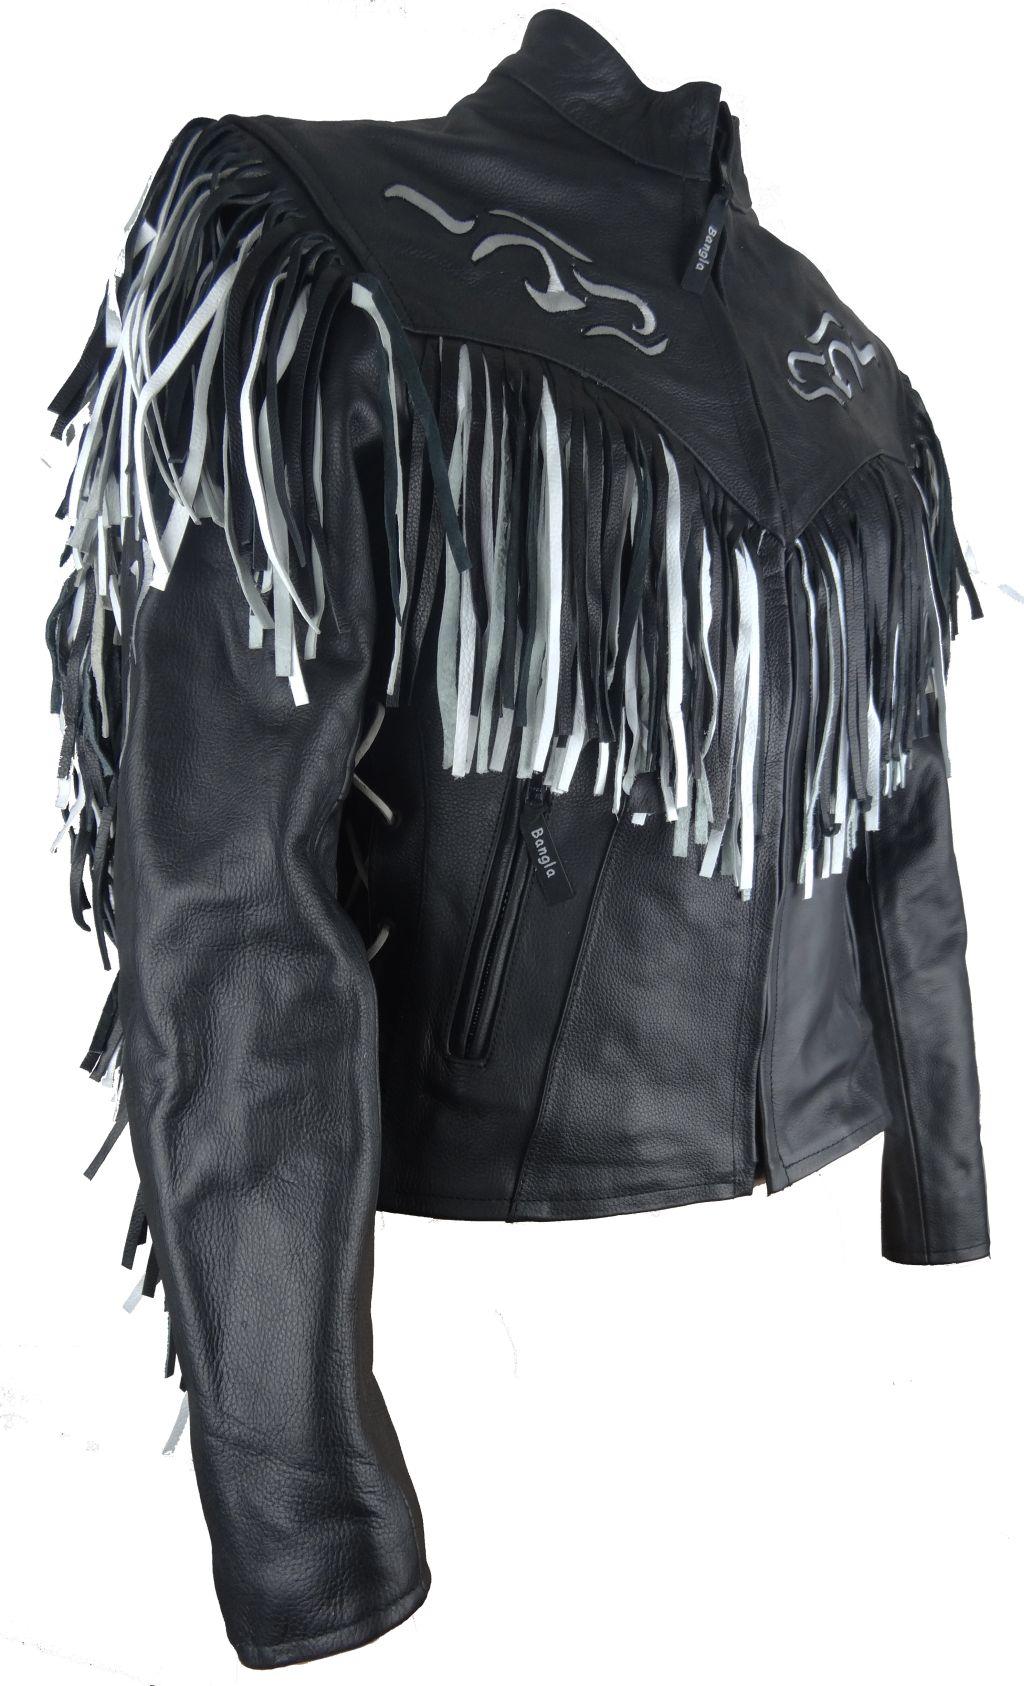 bangla veste femmes veste en cuir moto noir blanc western quitation. Black Bedroom Furniture Sets. Home Design Ideas